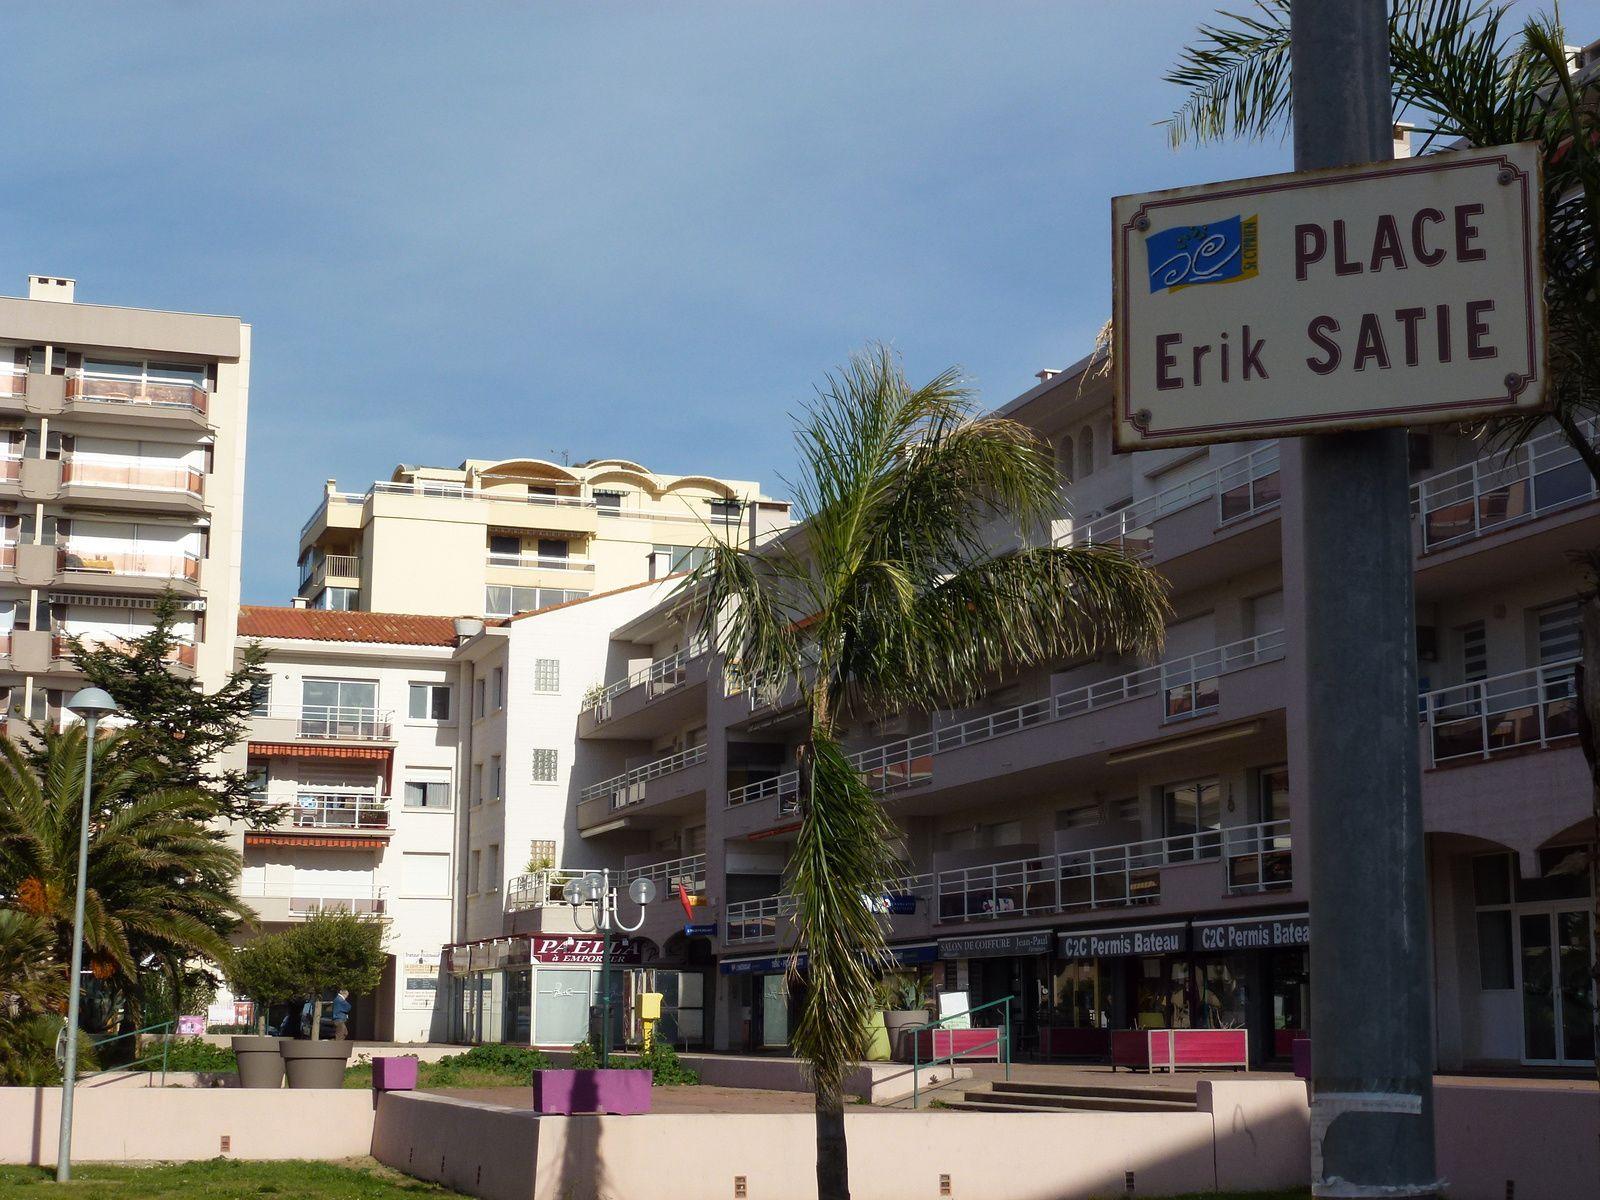 La place Erik Satie à Saint-Cyprien-Plage (Pyrénées-Orientales)